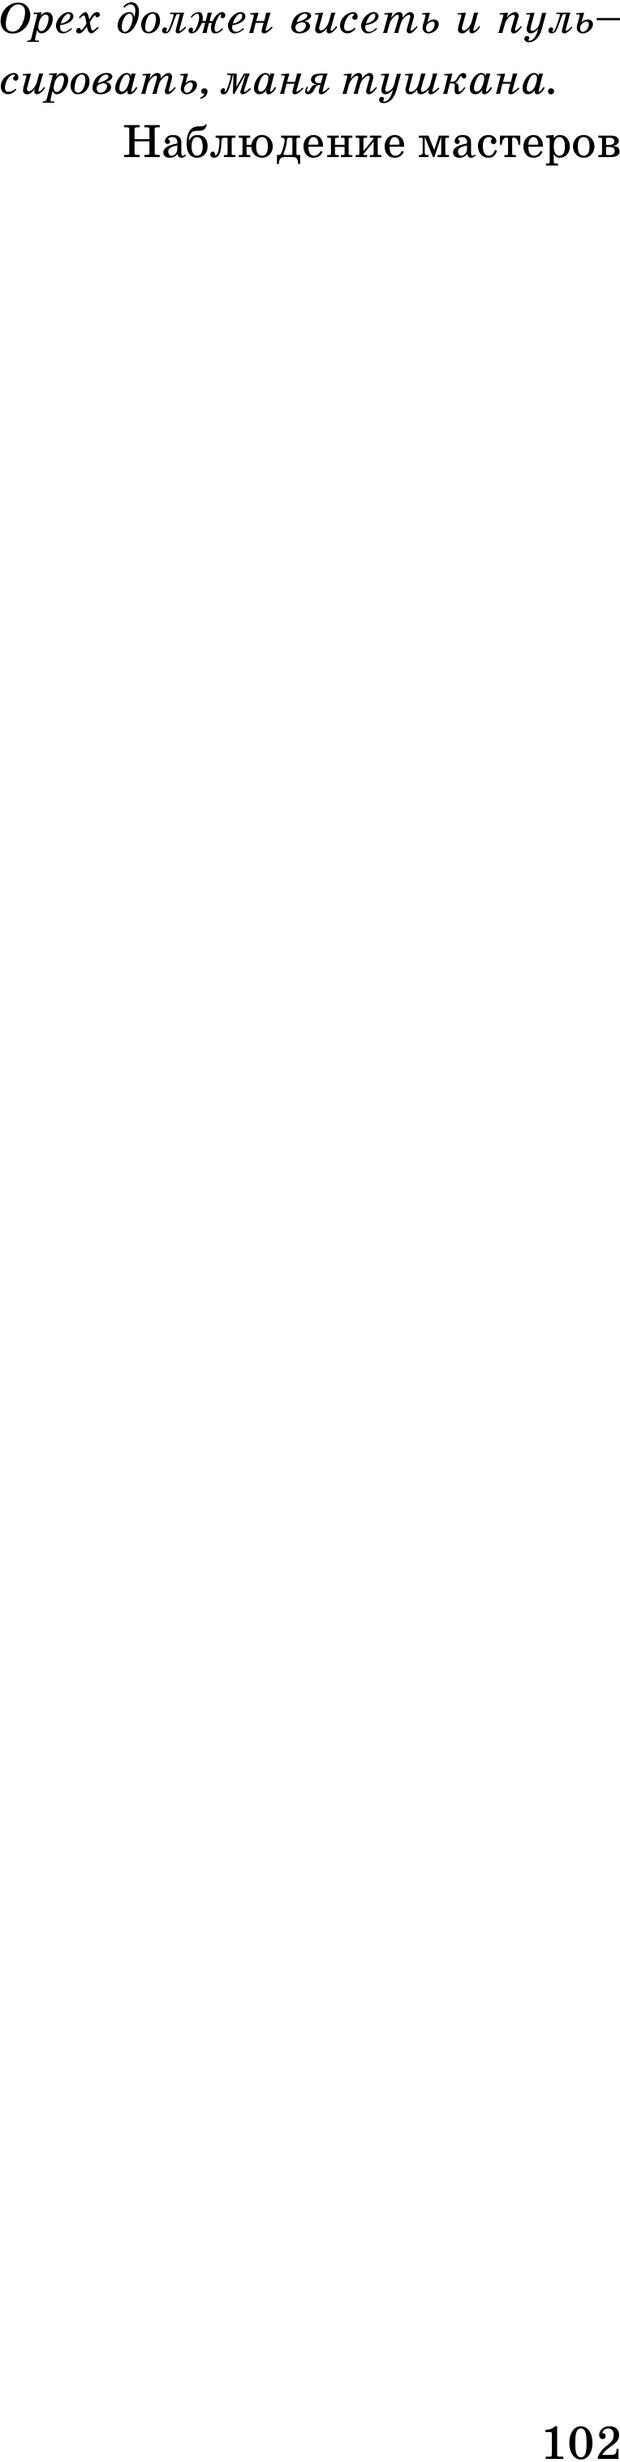 PDF. Русская Модель Эффективного Соблазнения. Мастерский курс. Богачев Ф. О. Страница 97. Читать онлайн